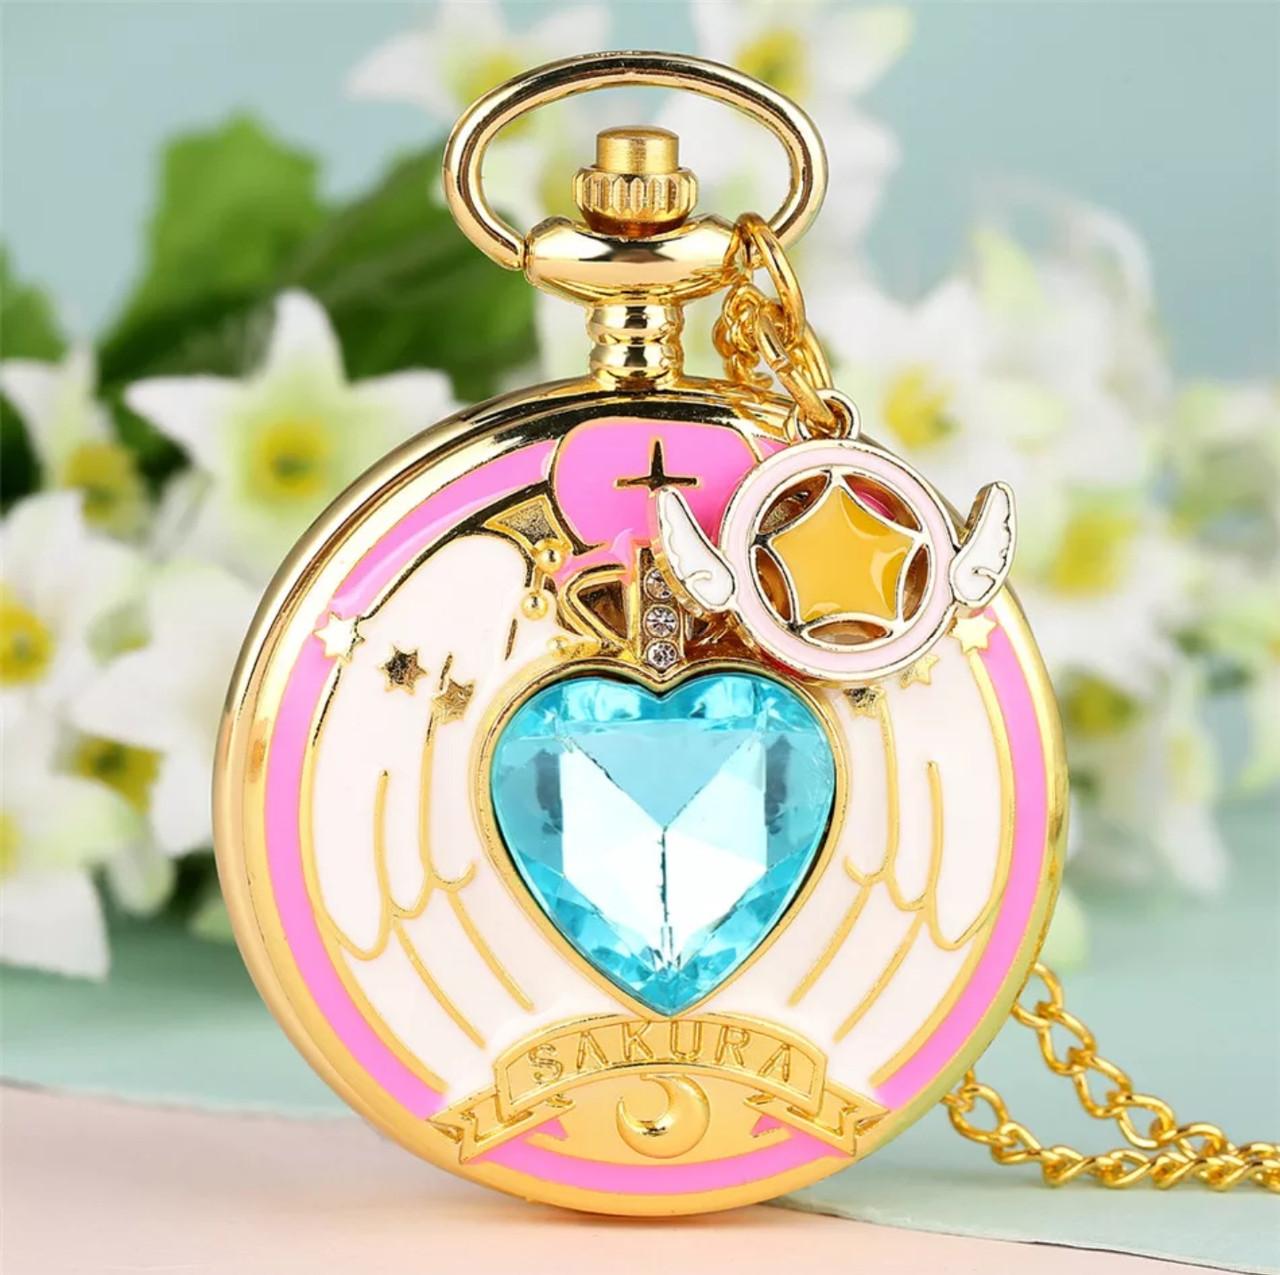 Карманные часы на цепочке Сакура отличный подарок